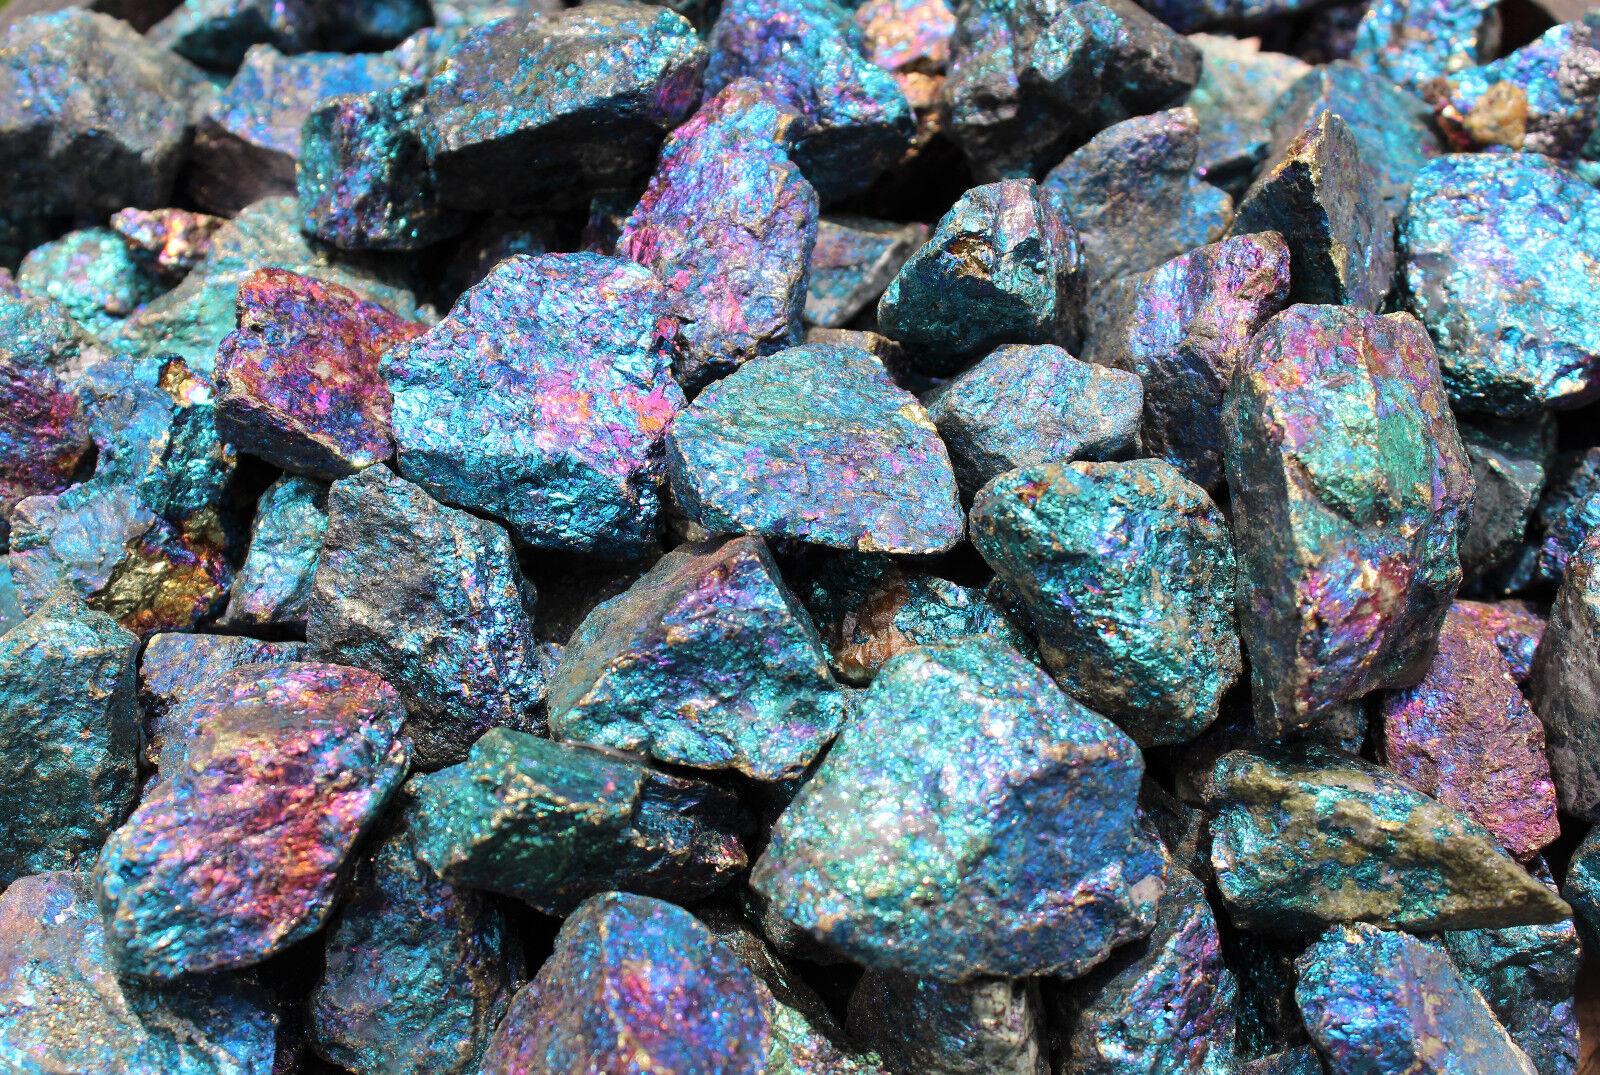 Natural Rough Stones Rocks - Huge Choice - Bulk Lots Lbs or Oz Cabbing Tumbling